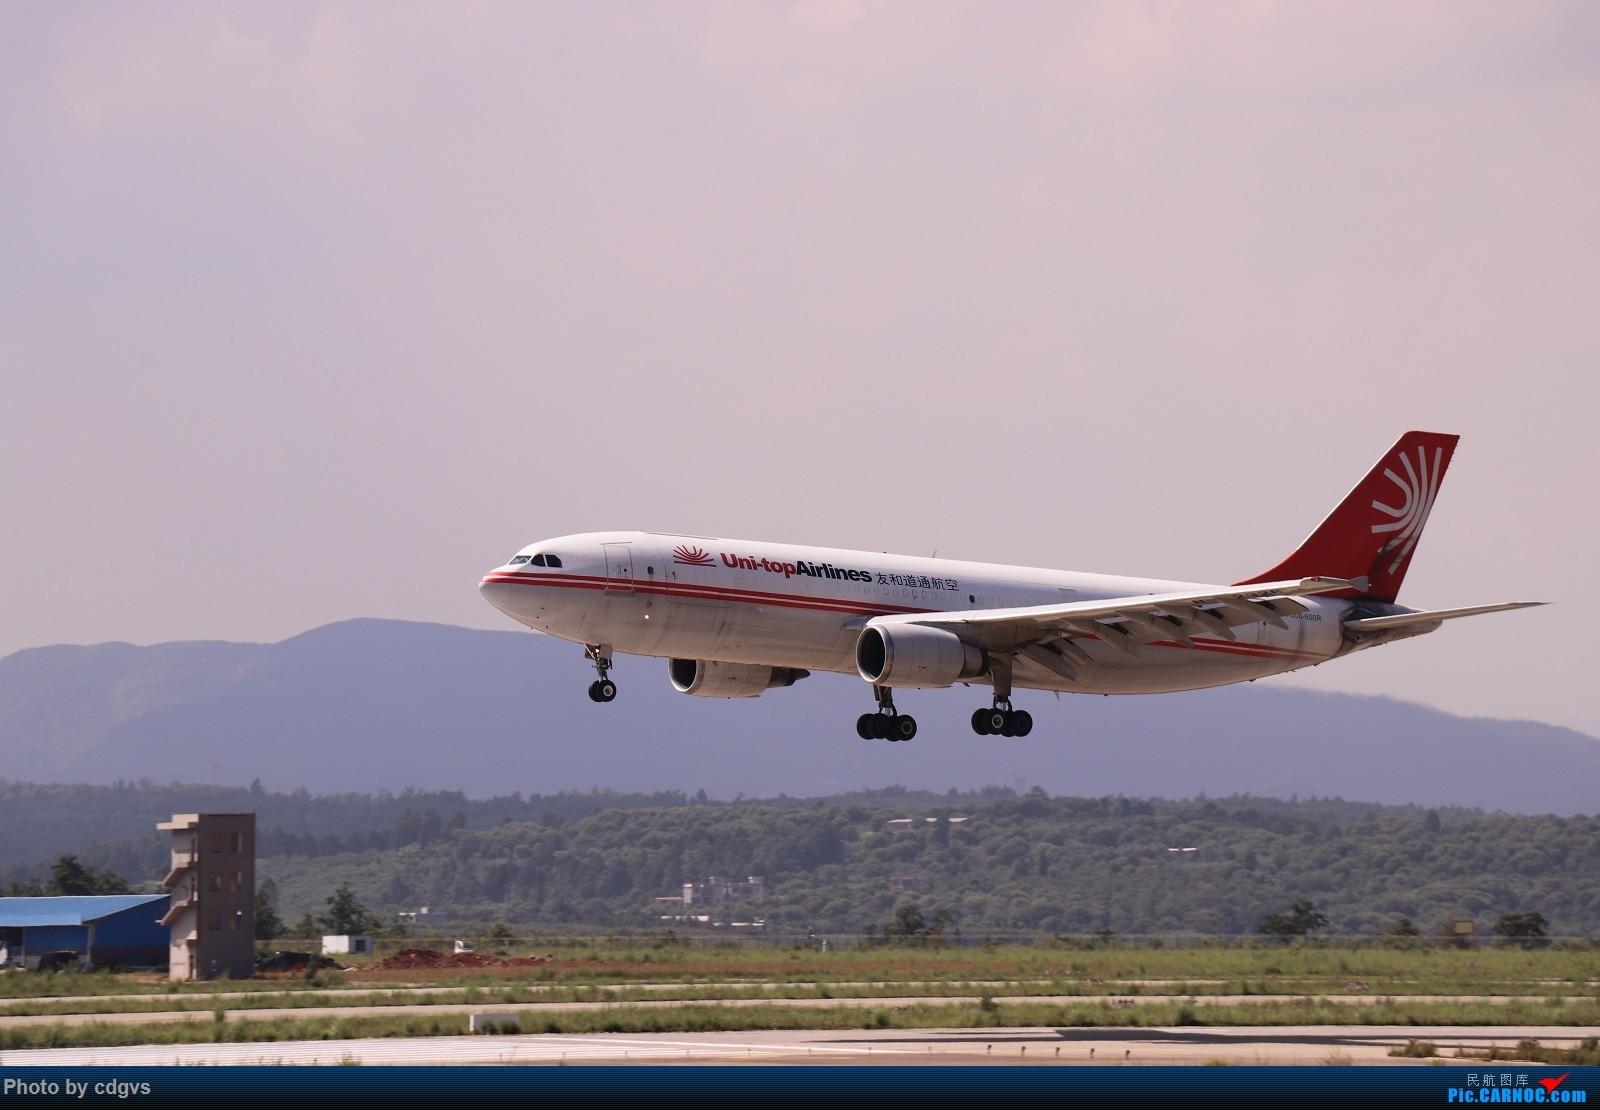 Re:[原创]【KMG】昆明的一天 1600大图 一次看个爽 AIRBUS A300B4-600 B-2326 中国昆明长水国际机场